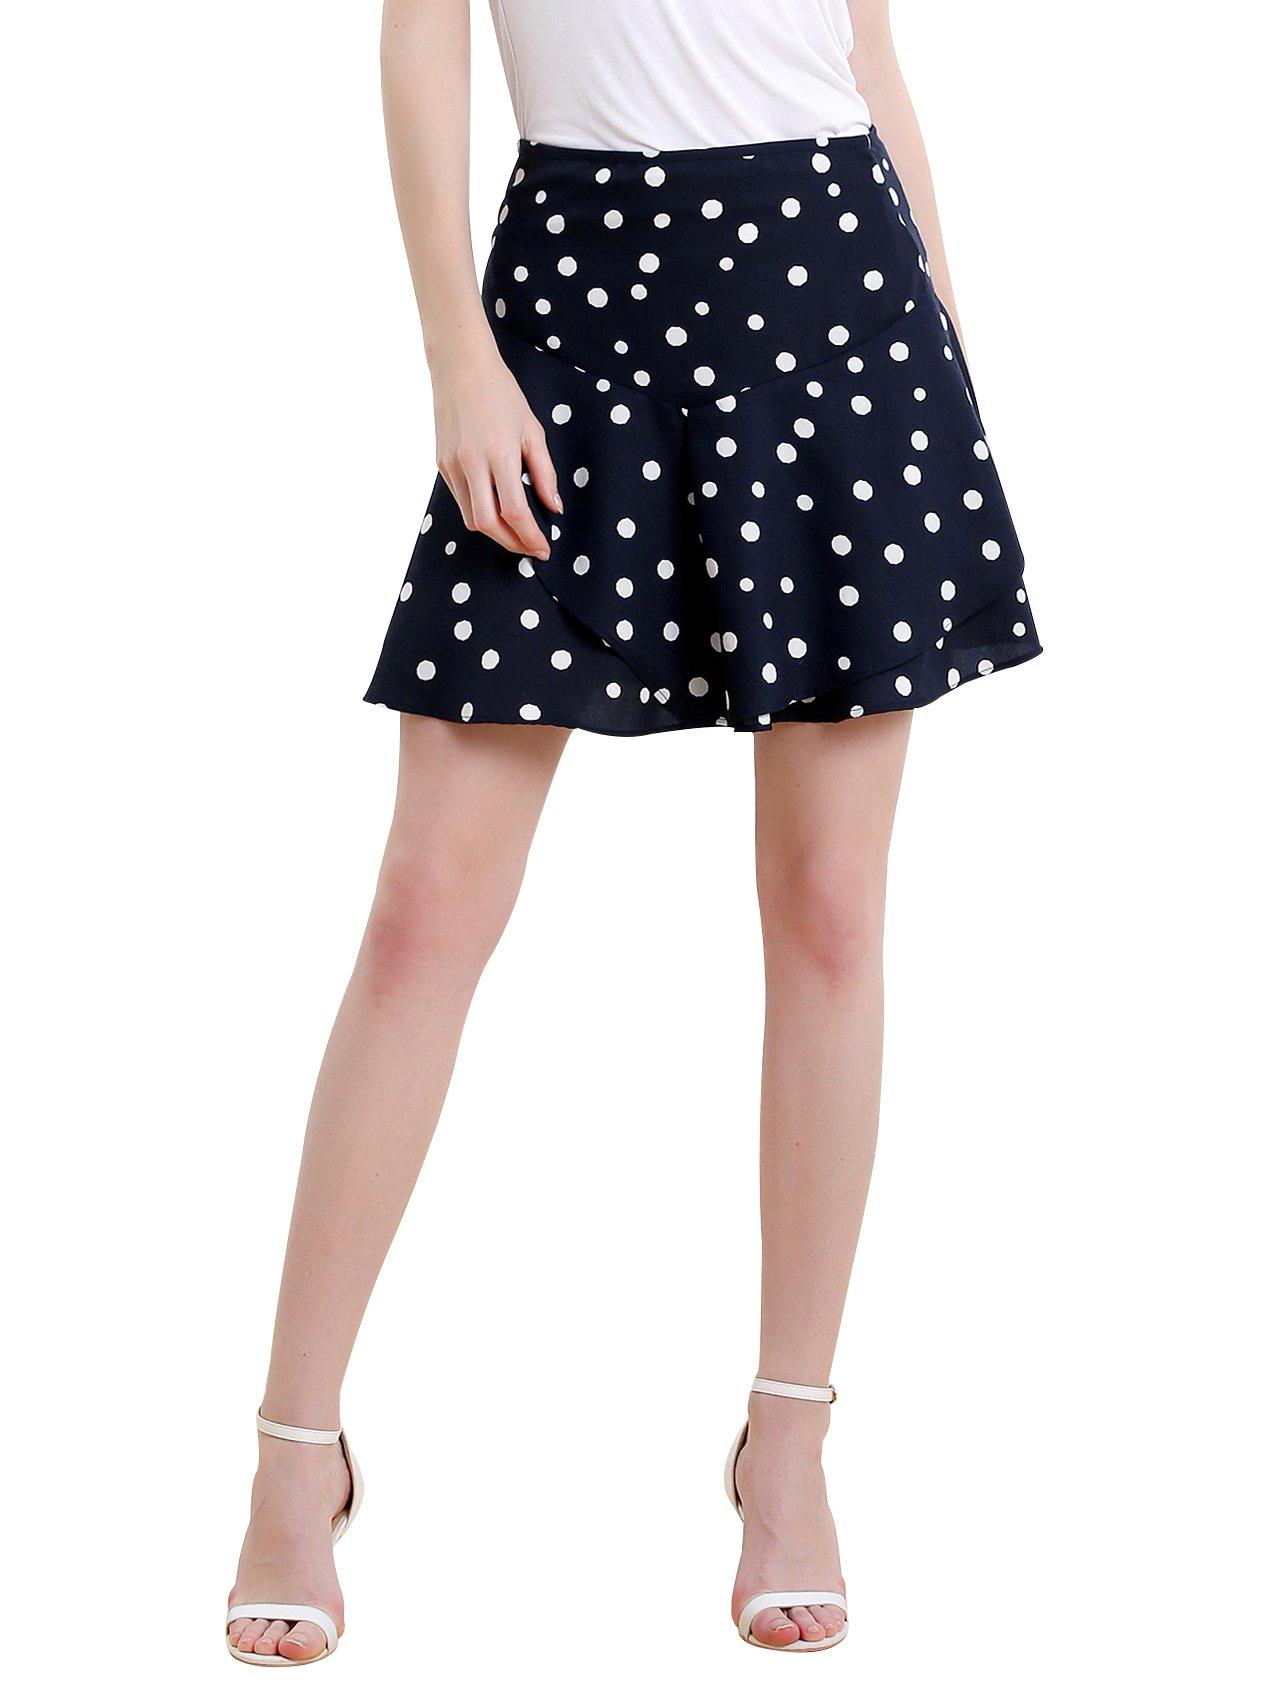 Vero Viva Women Summer Dot Printed Mini Skirt Ruffled Asymmetrical A-line Skirt Zipper S